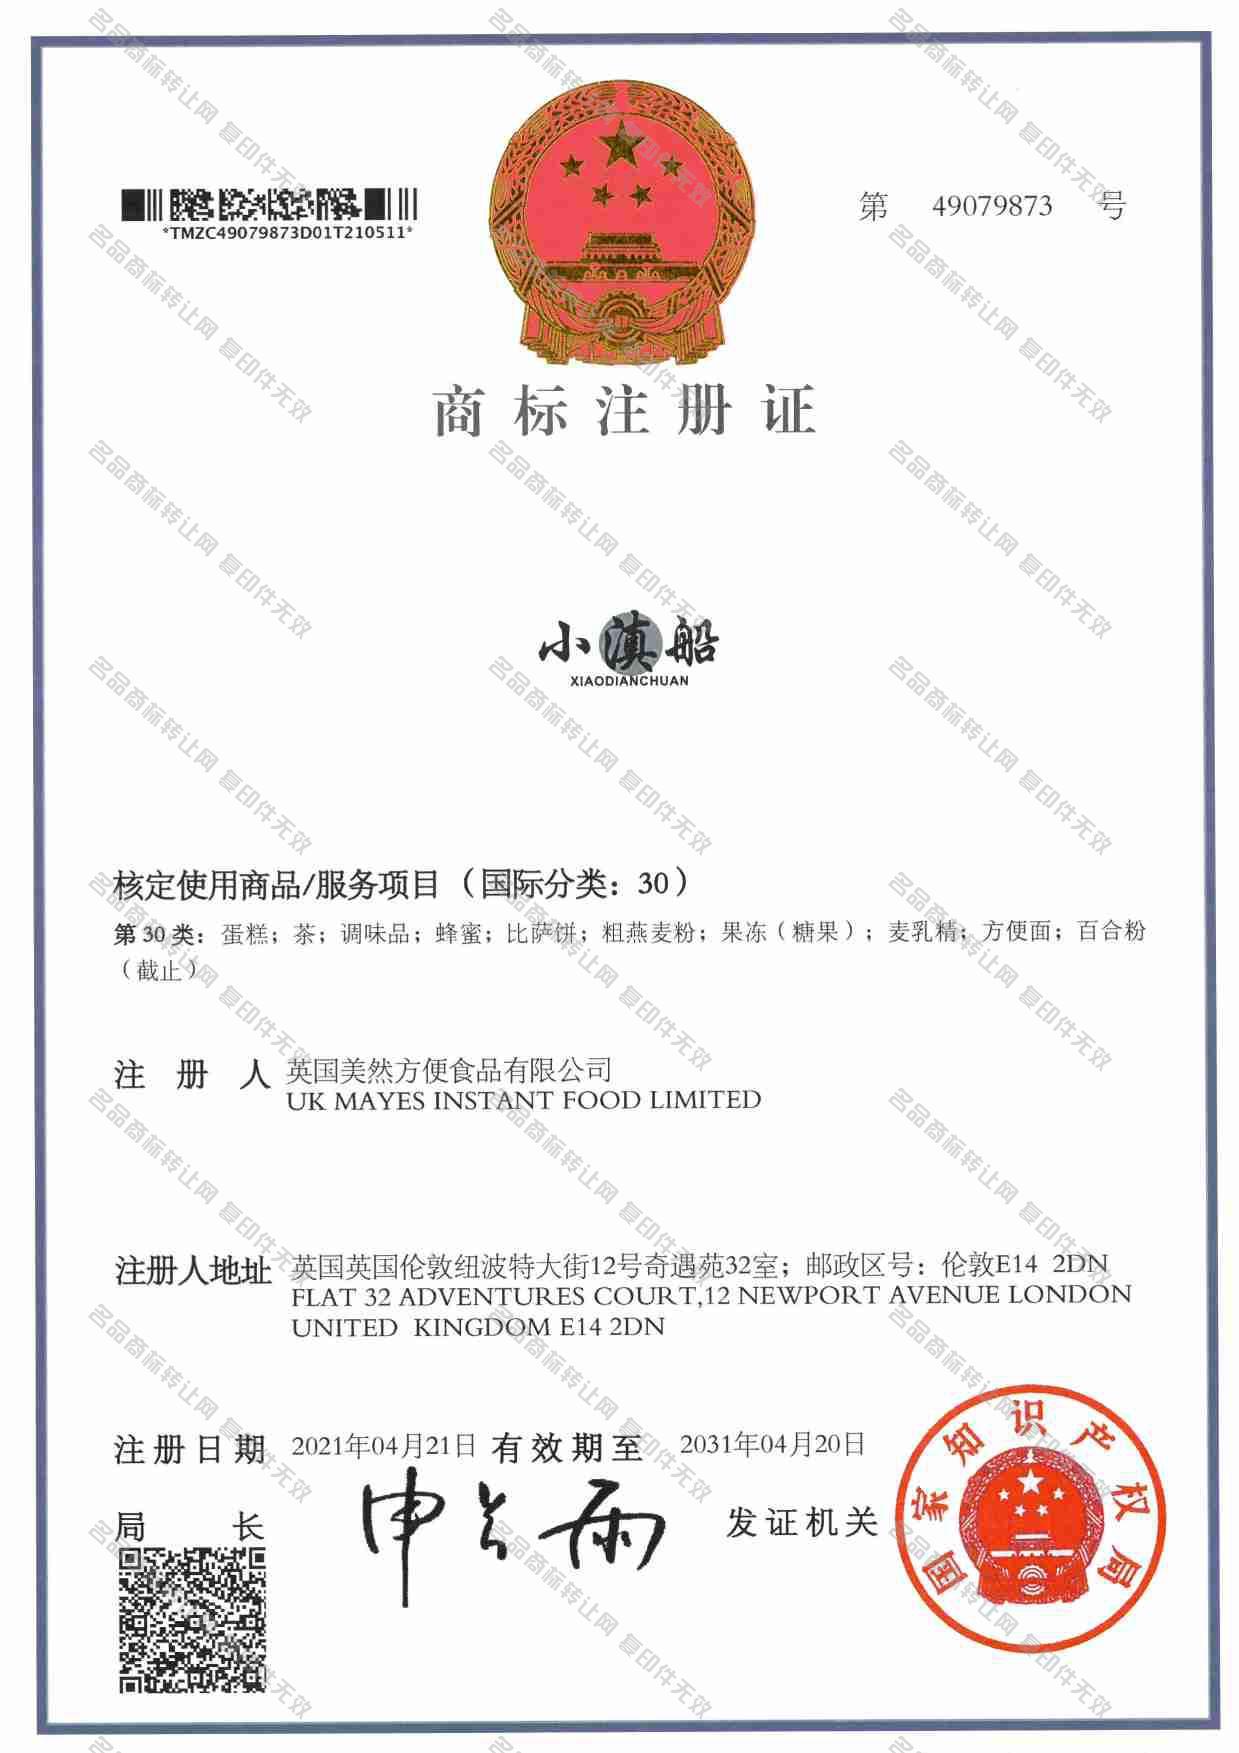 小滇船注册证